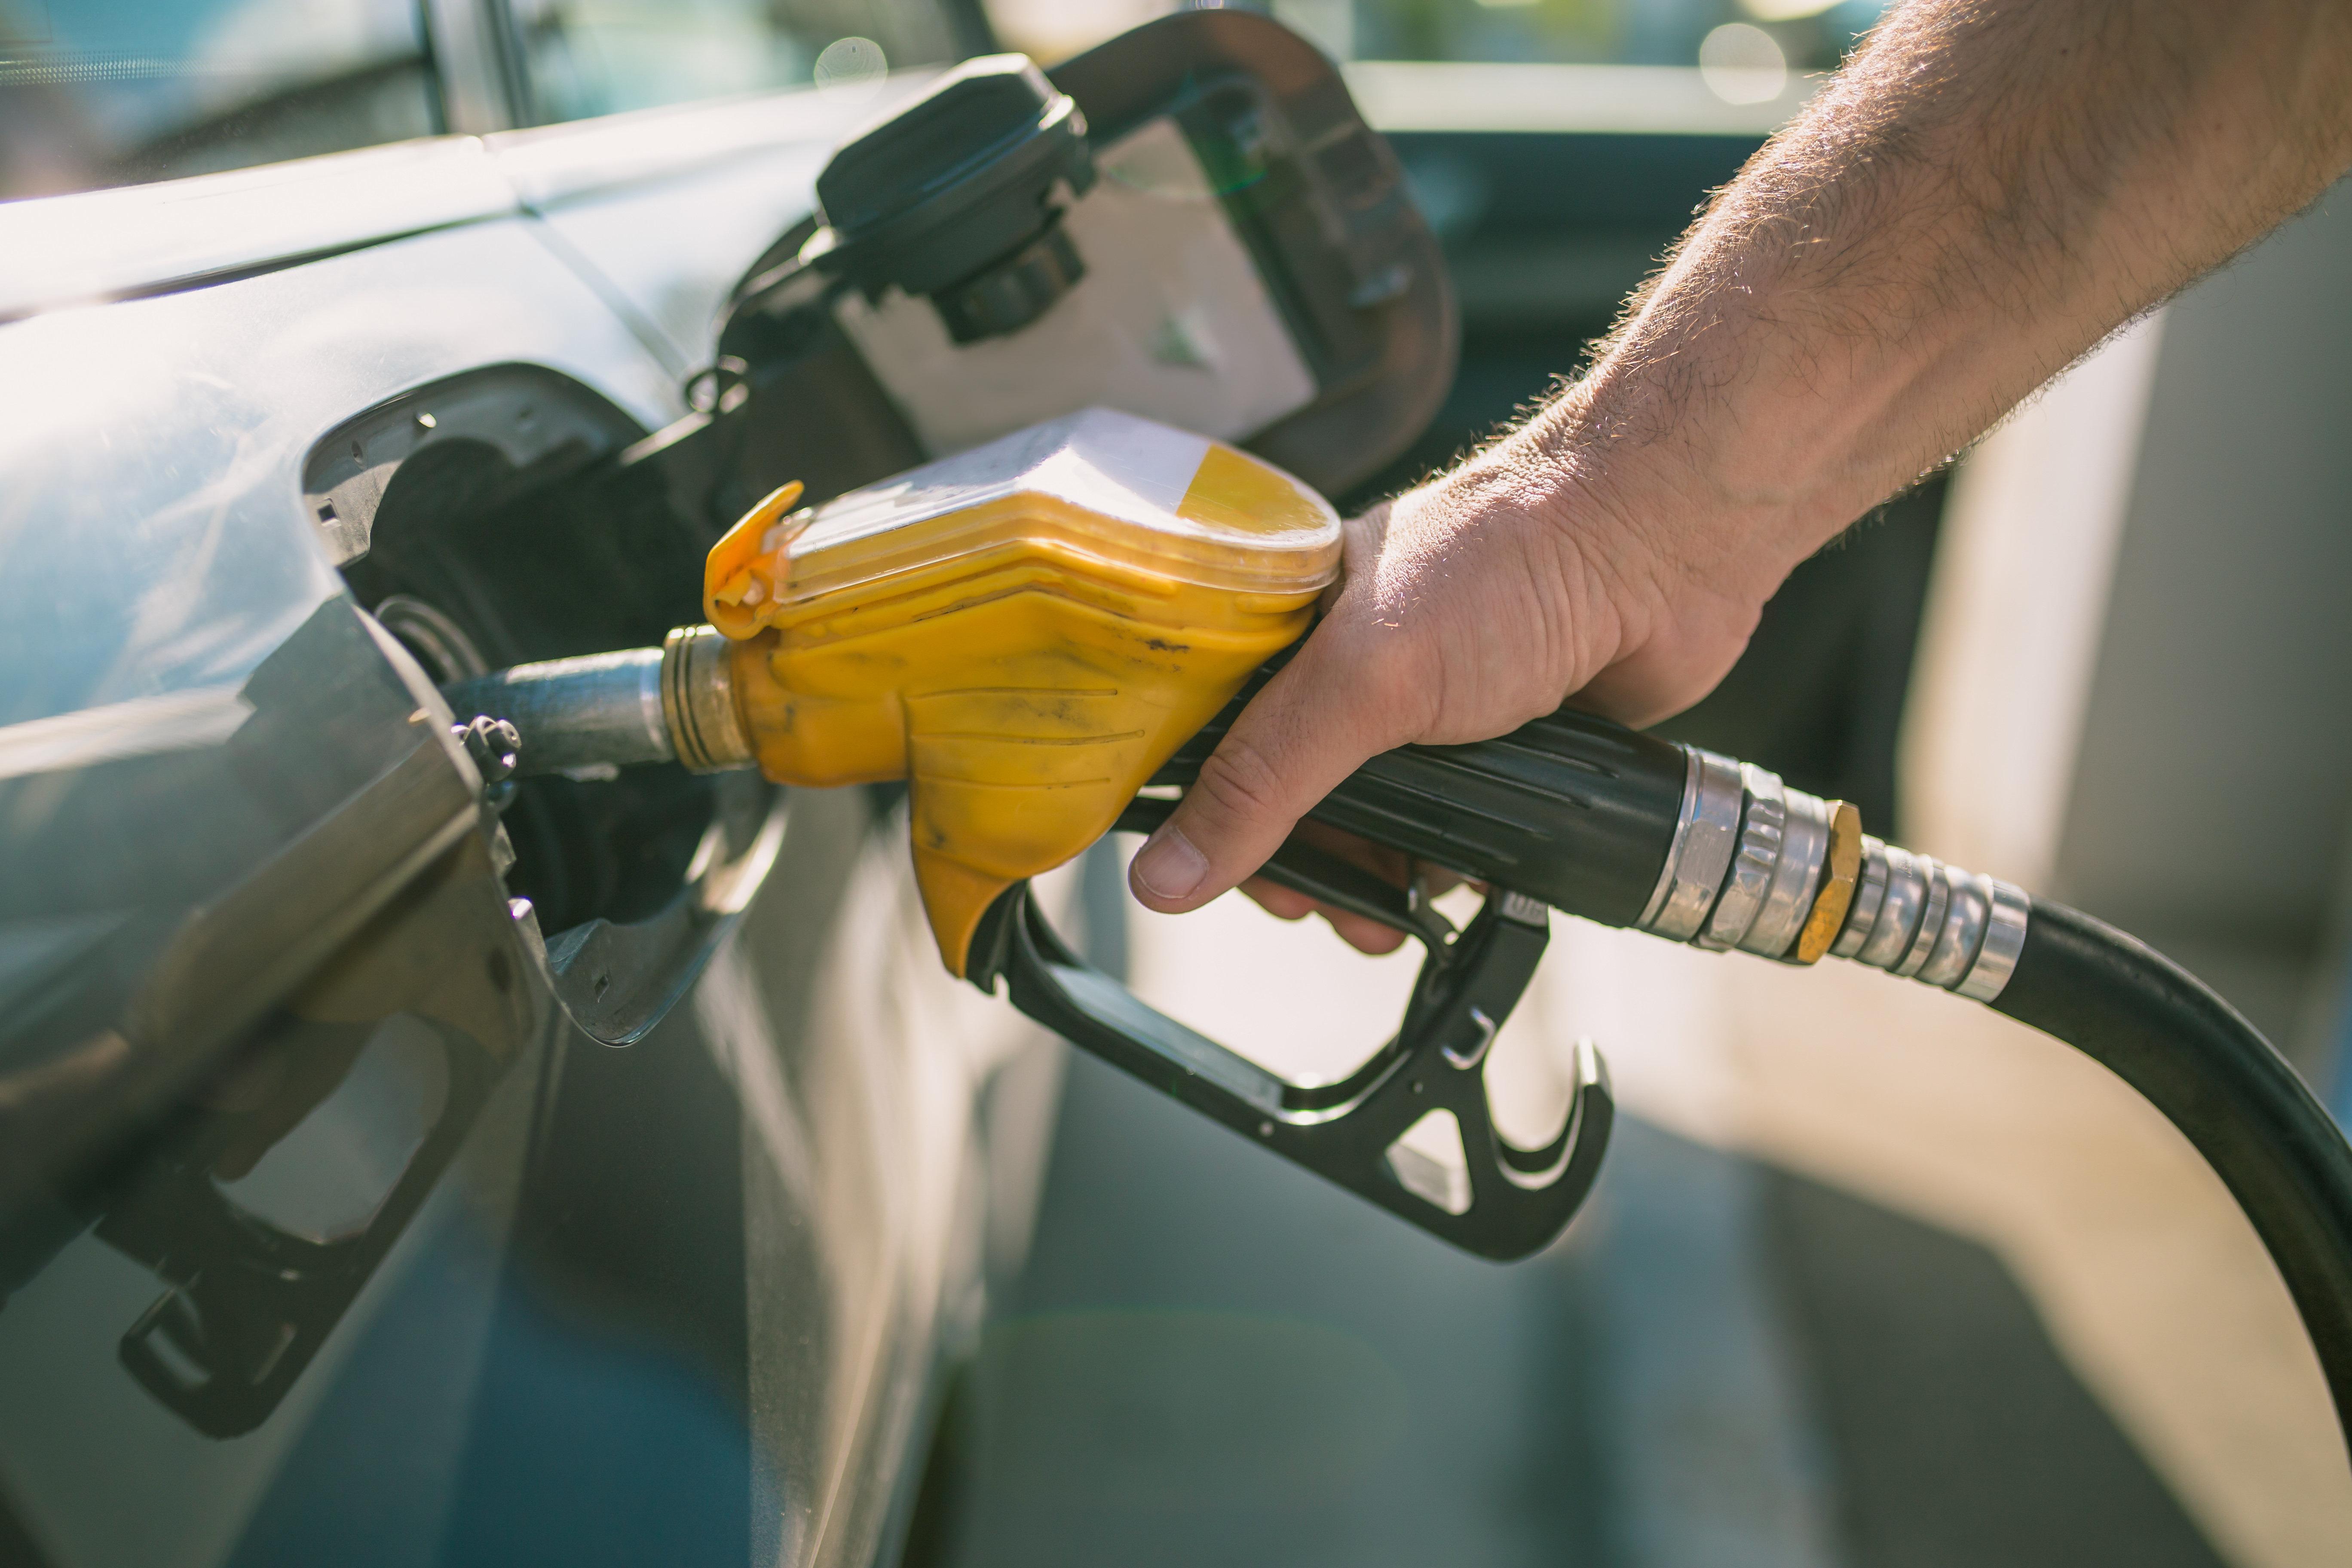 Slim Feriani: Aucune baisse du prix du carburant n'est